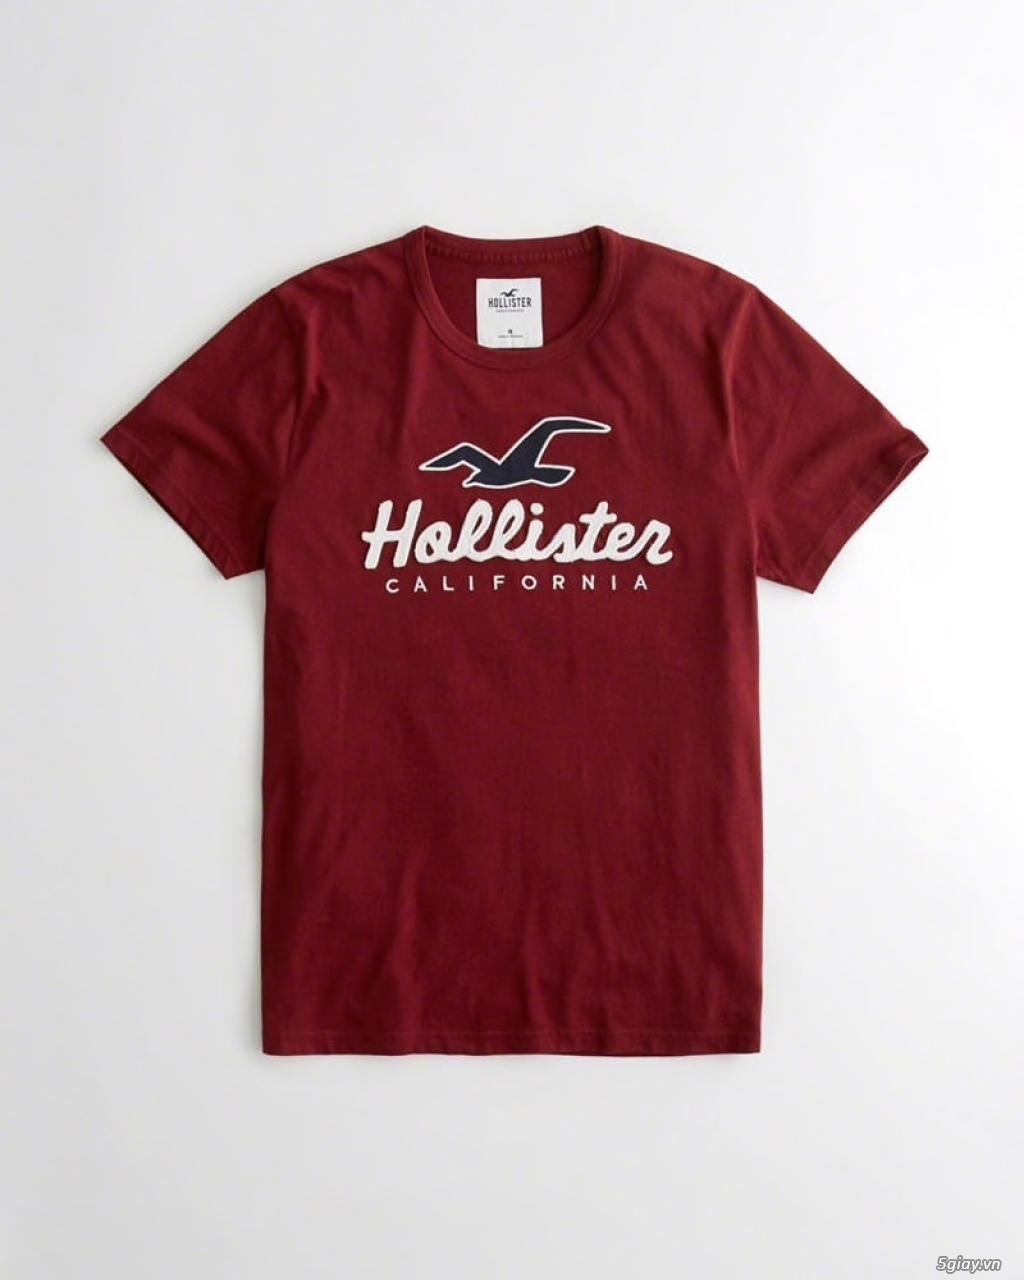 HCO shop chuyên hàng Hollister Abercrombie xách tay US chính hãng - 4